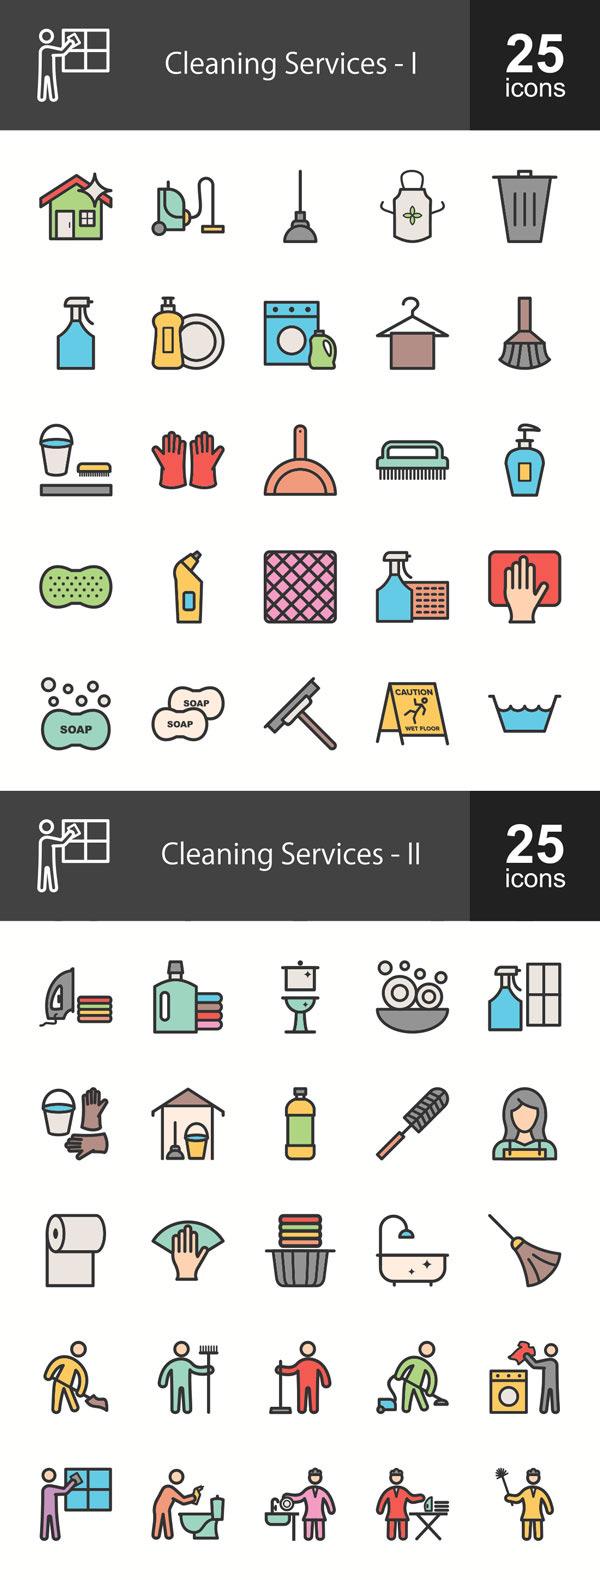 清洁图标,家政服务图标,清扫,打扫卫生,清洁工具,矢量图,eps格式 下载